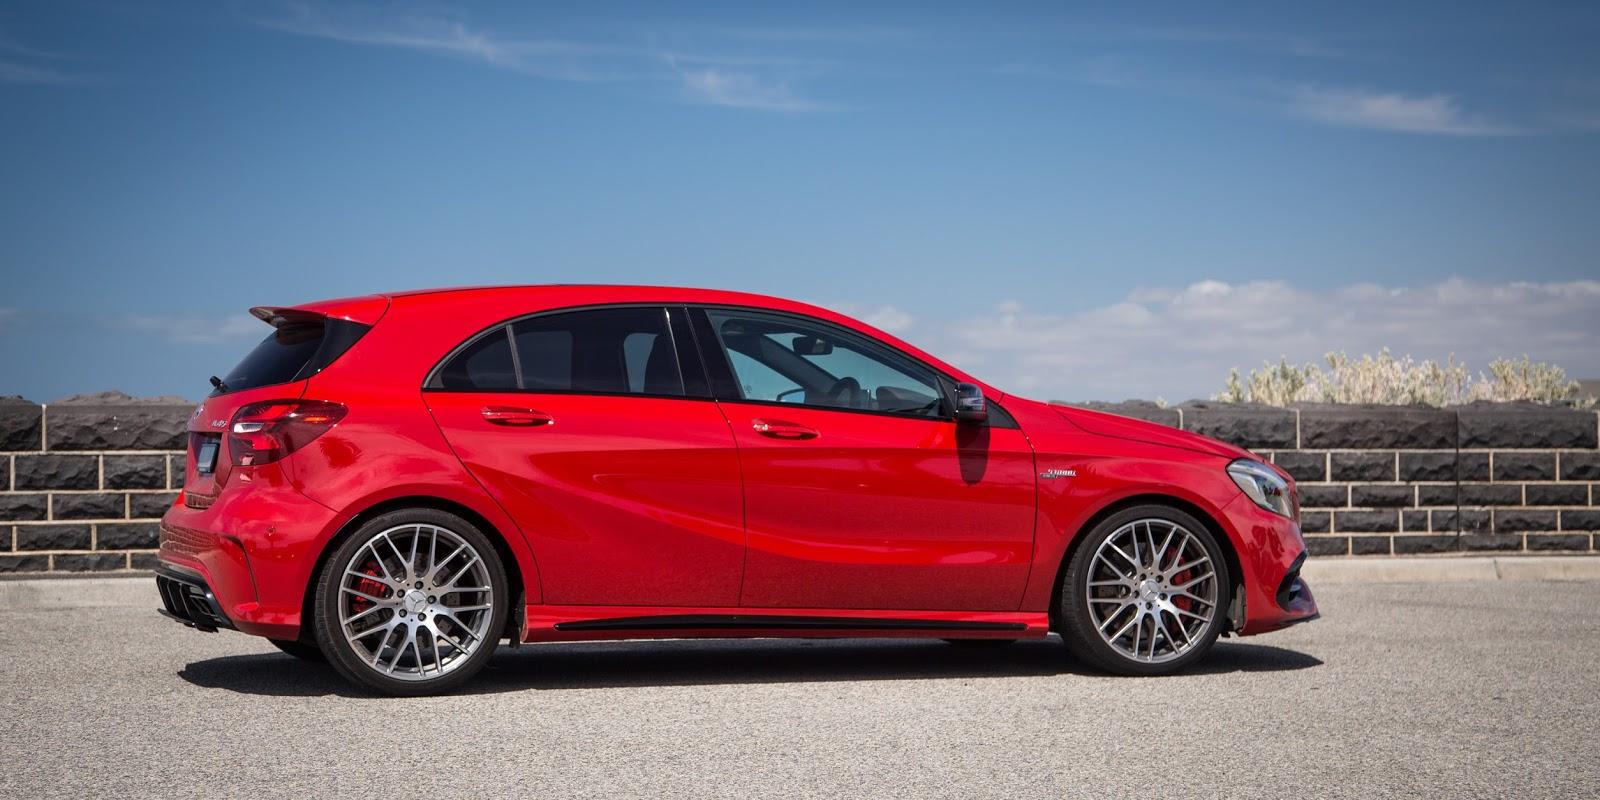 Sẽ chẳng ai có thể ngờ được một chiếc xe dễ thương thế này nhưng rất mạnh mẽ bên trong